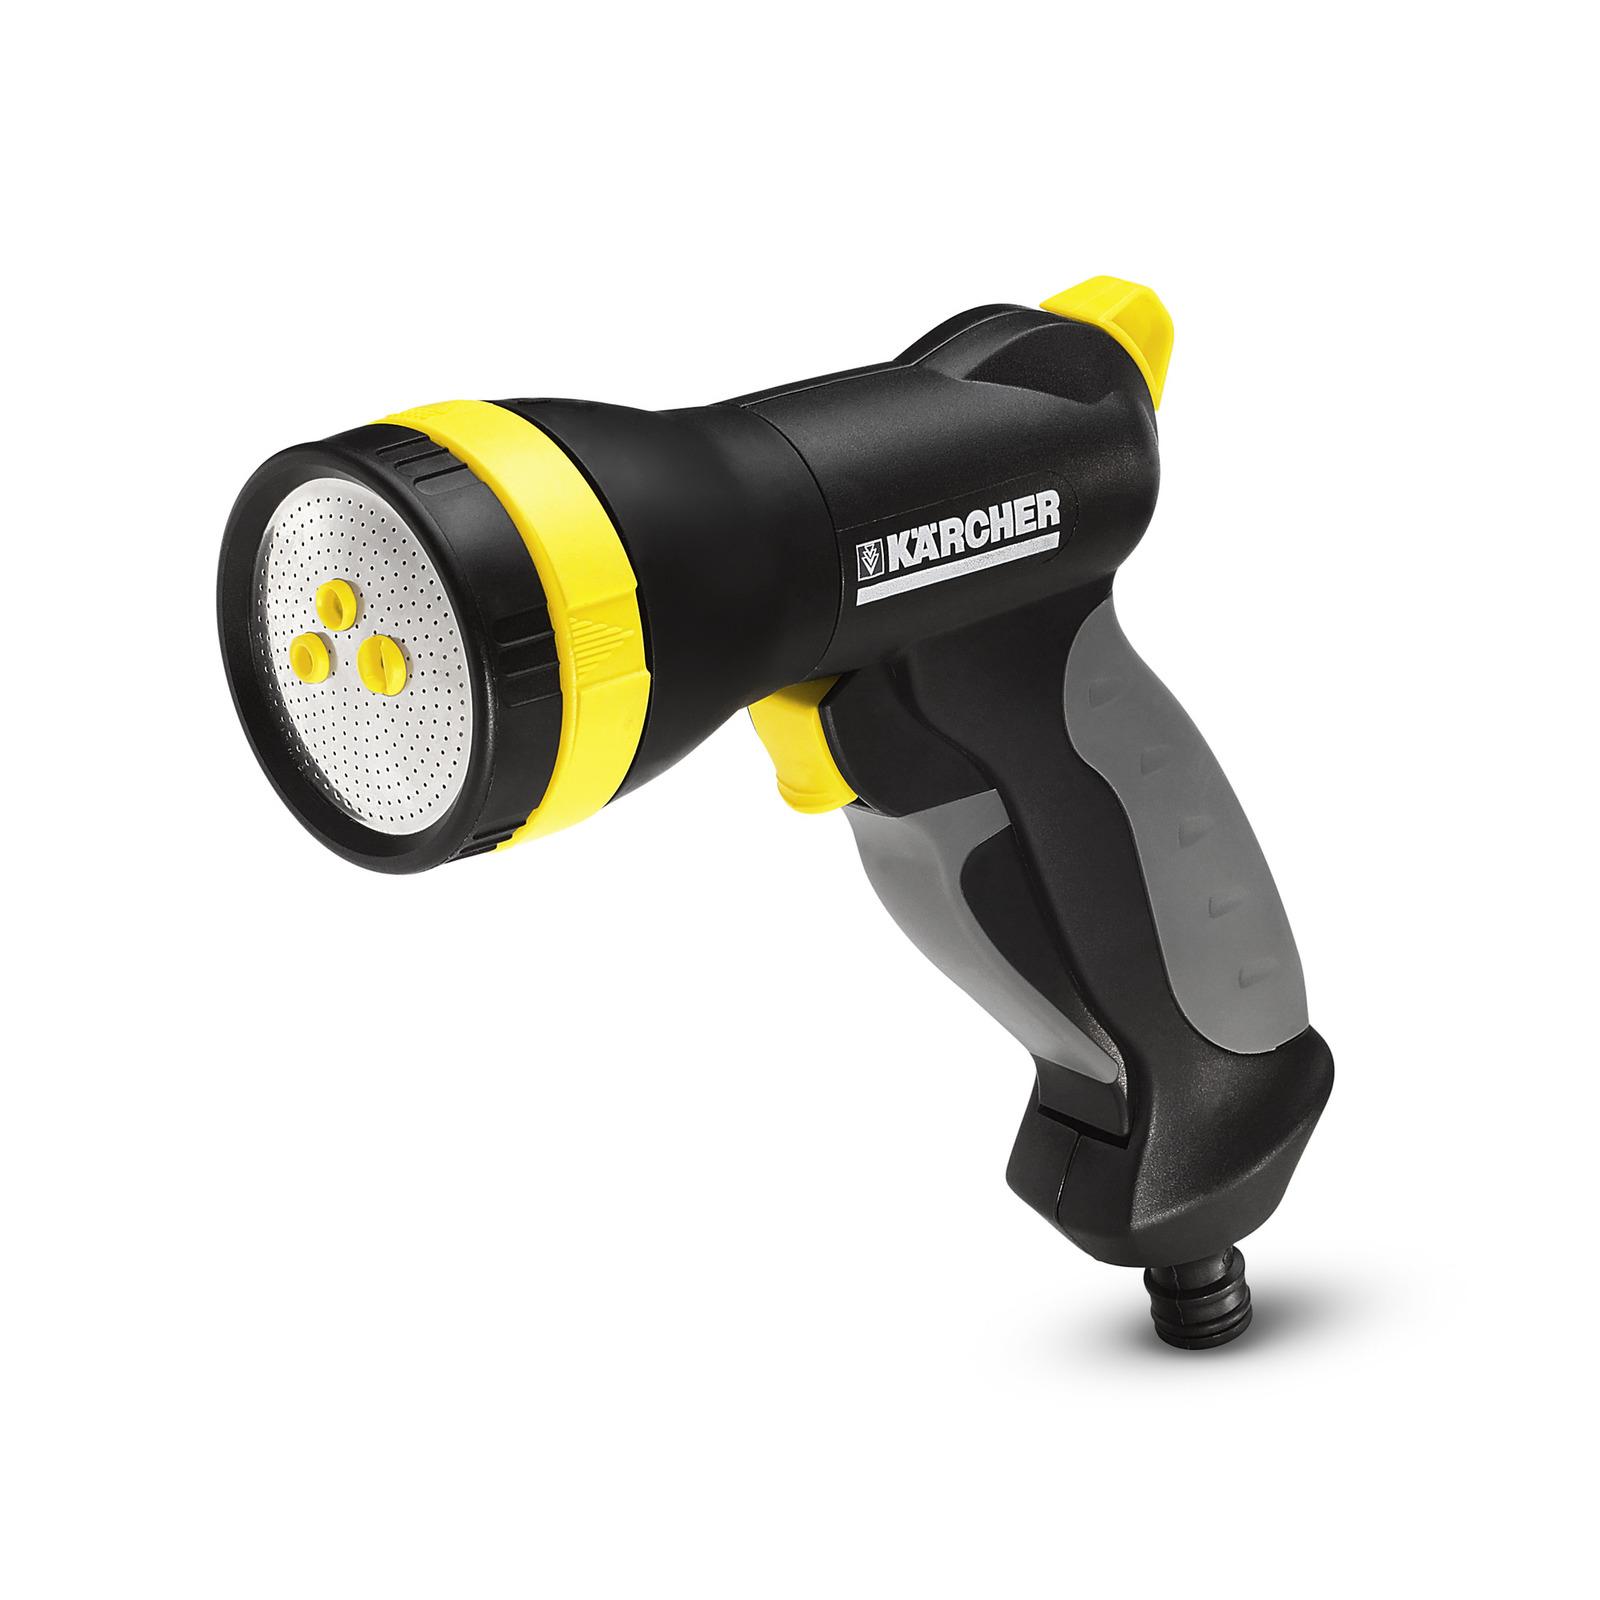 Premium Multifunction Spray Gun K 228 Rcher Uk